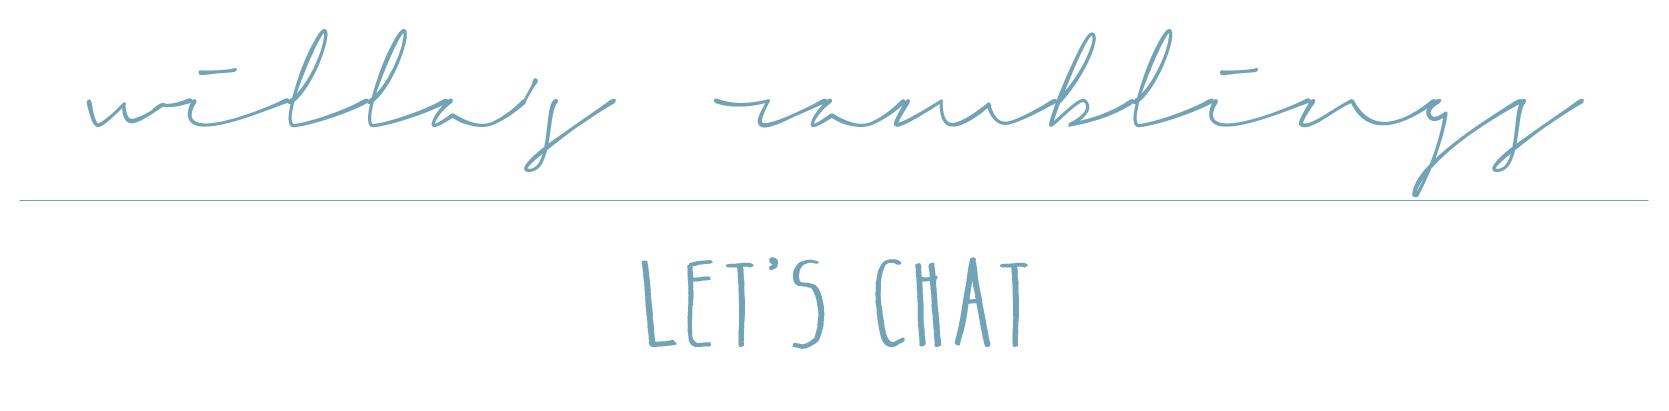 let's chat header